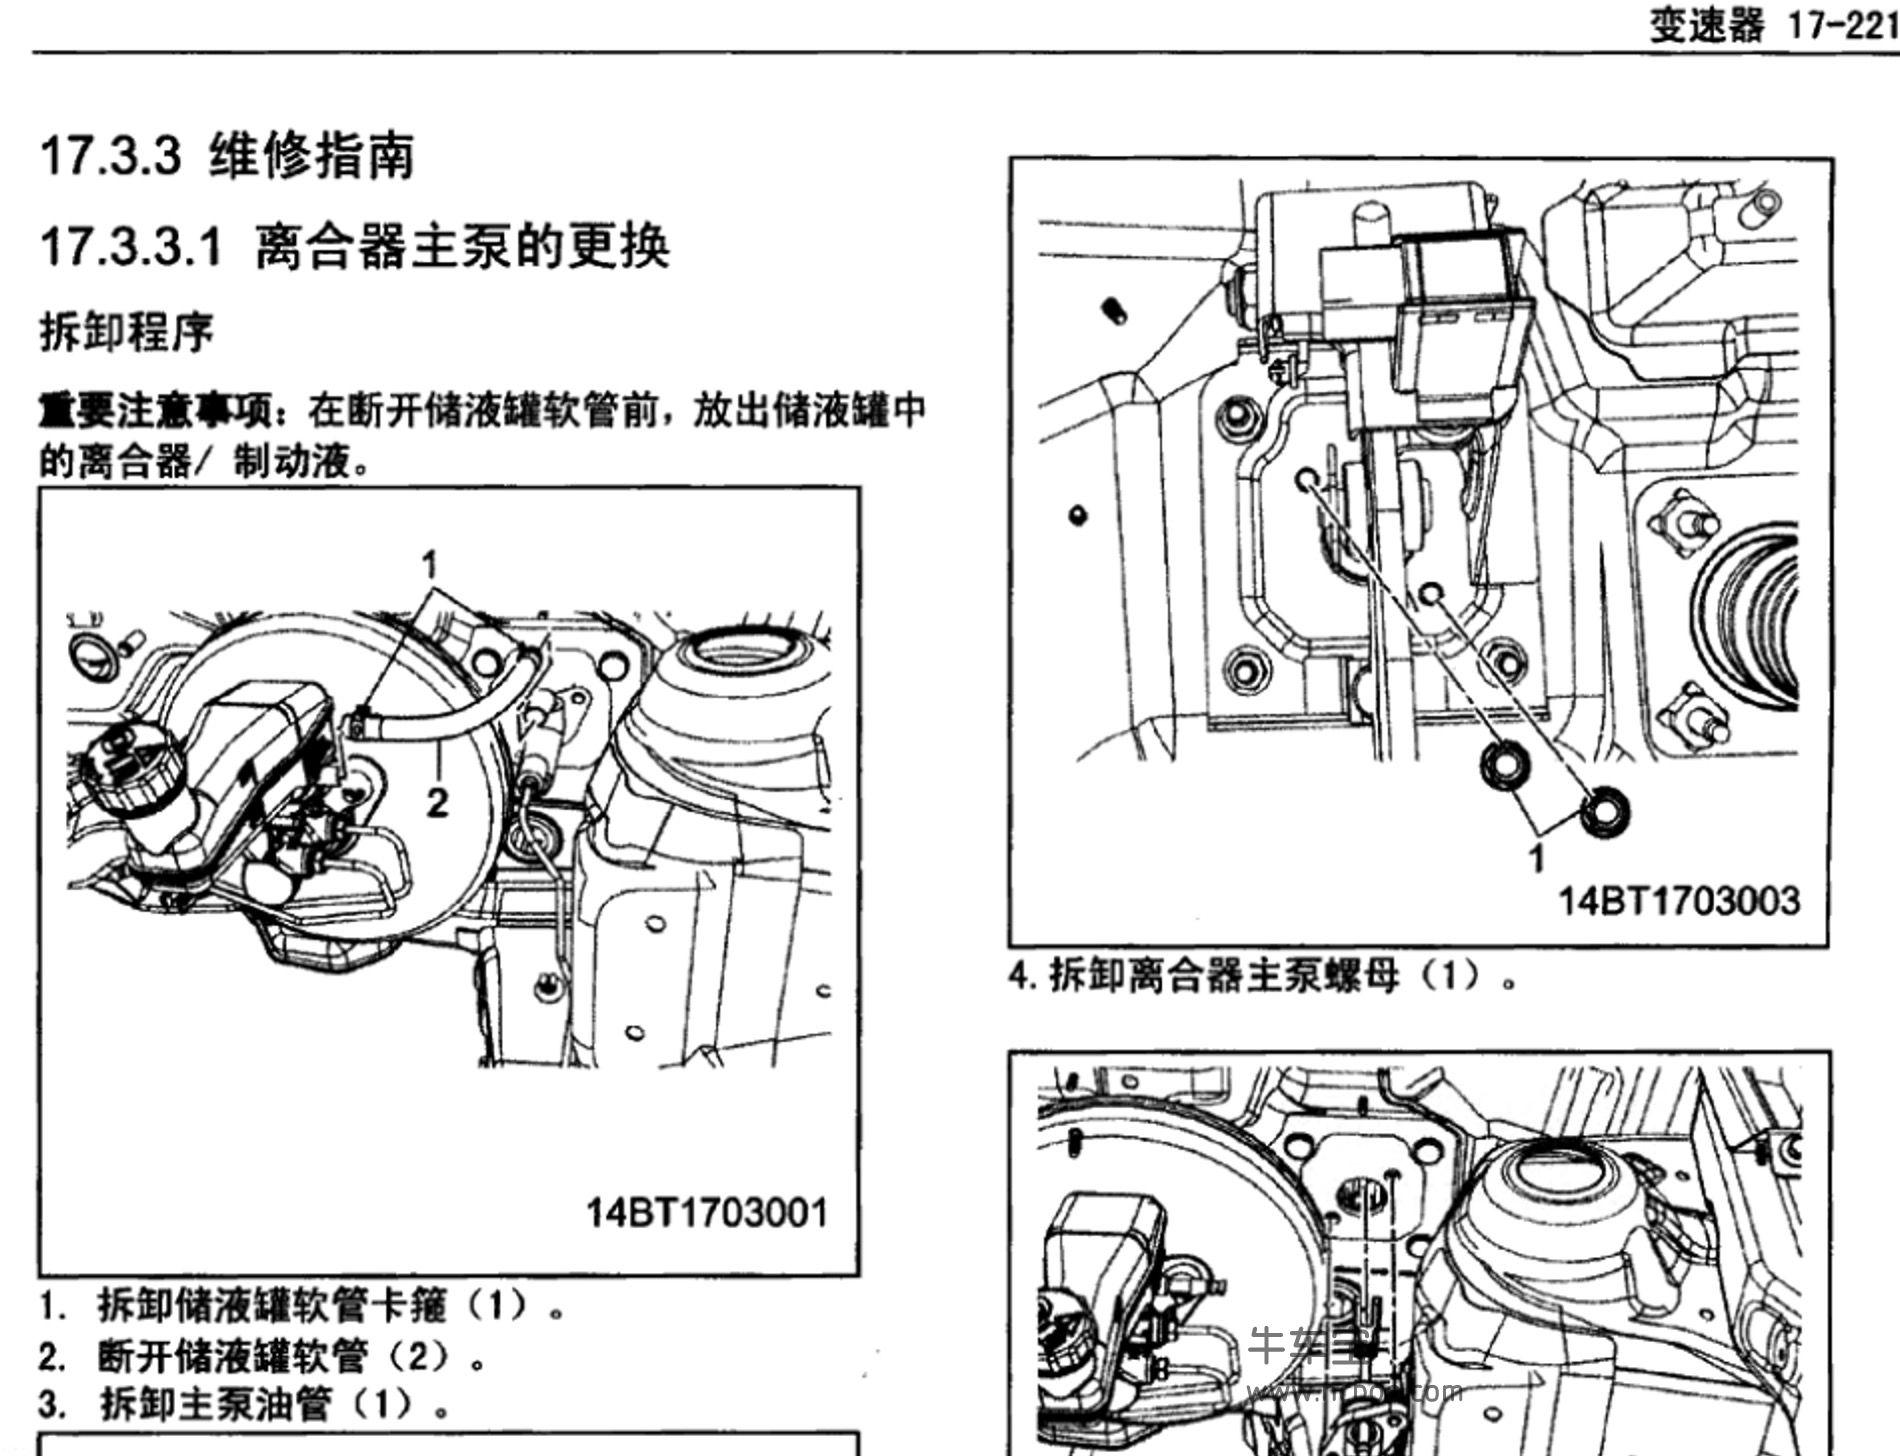 2014-2015款宝骏730原厂维修手册和电路图资料下载